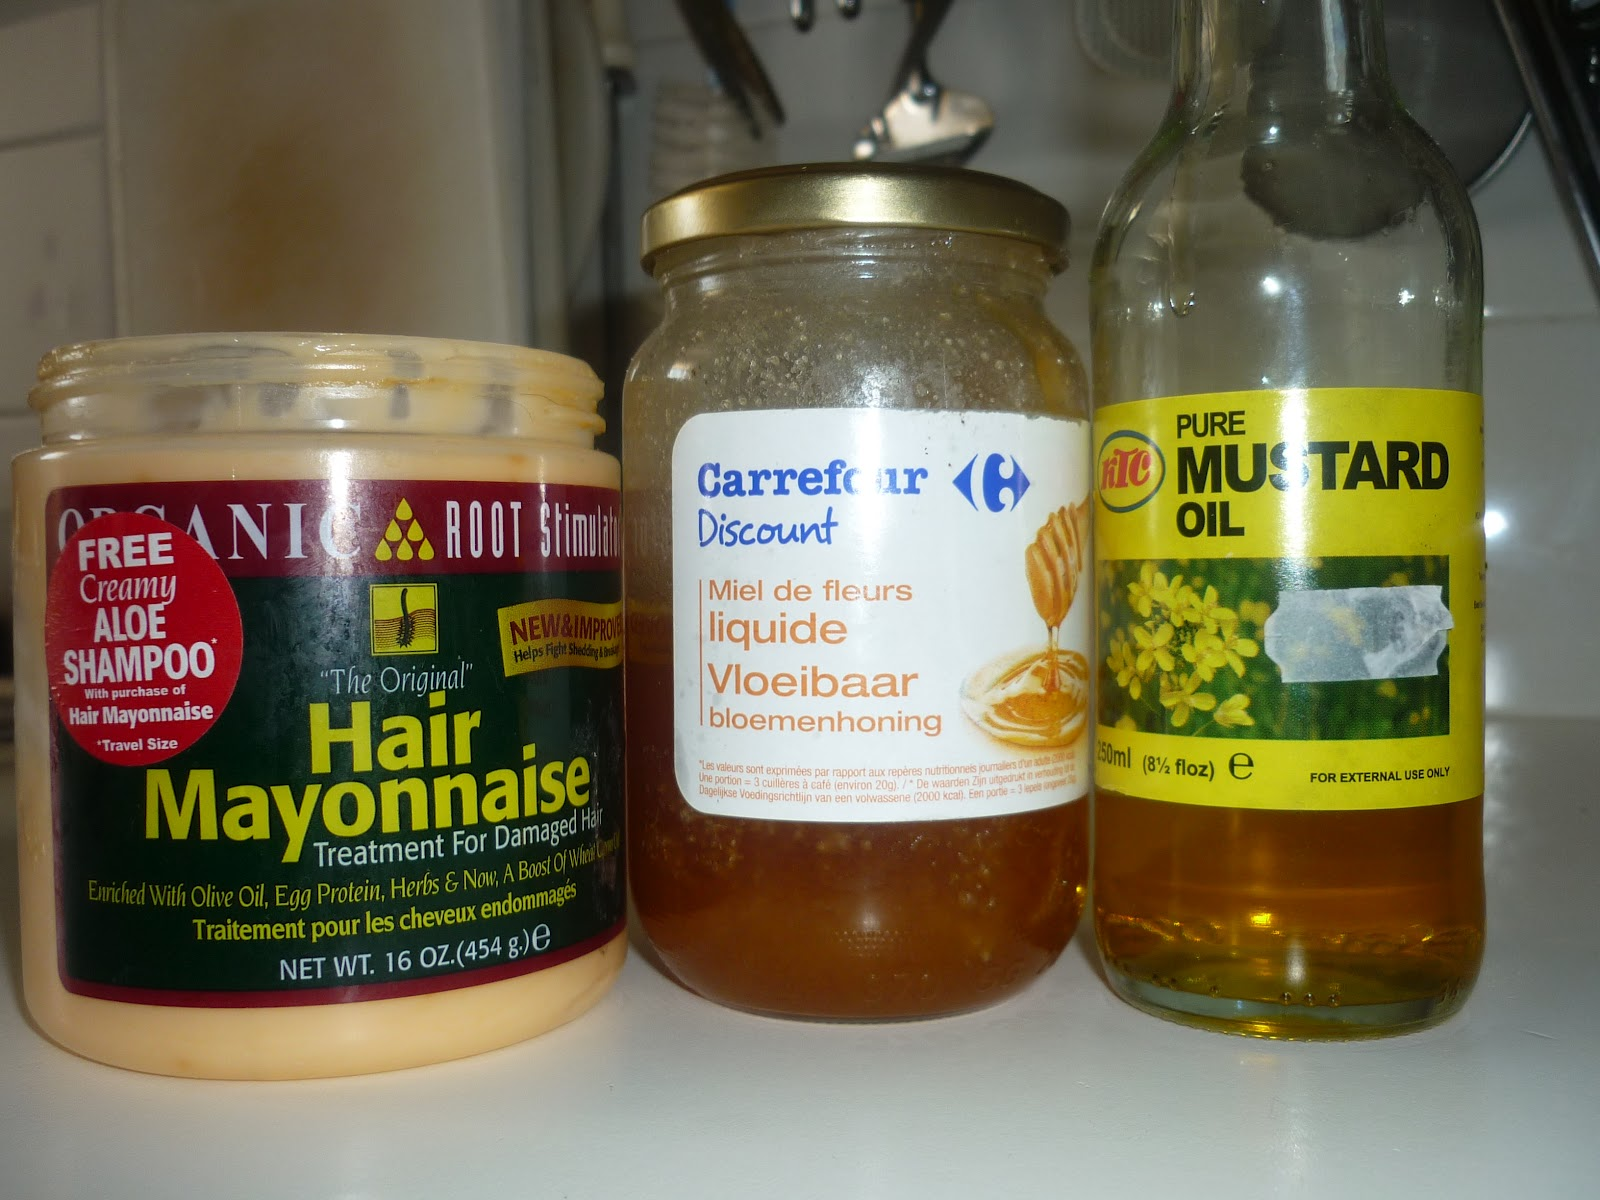 Le masque de moutarde pour les cheveux avec le kéfir